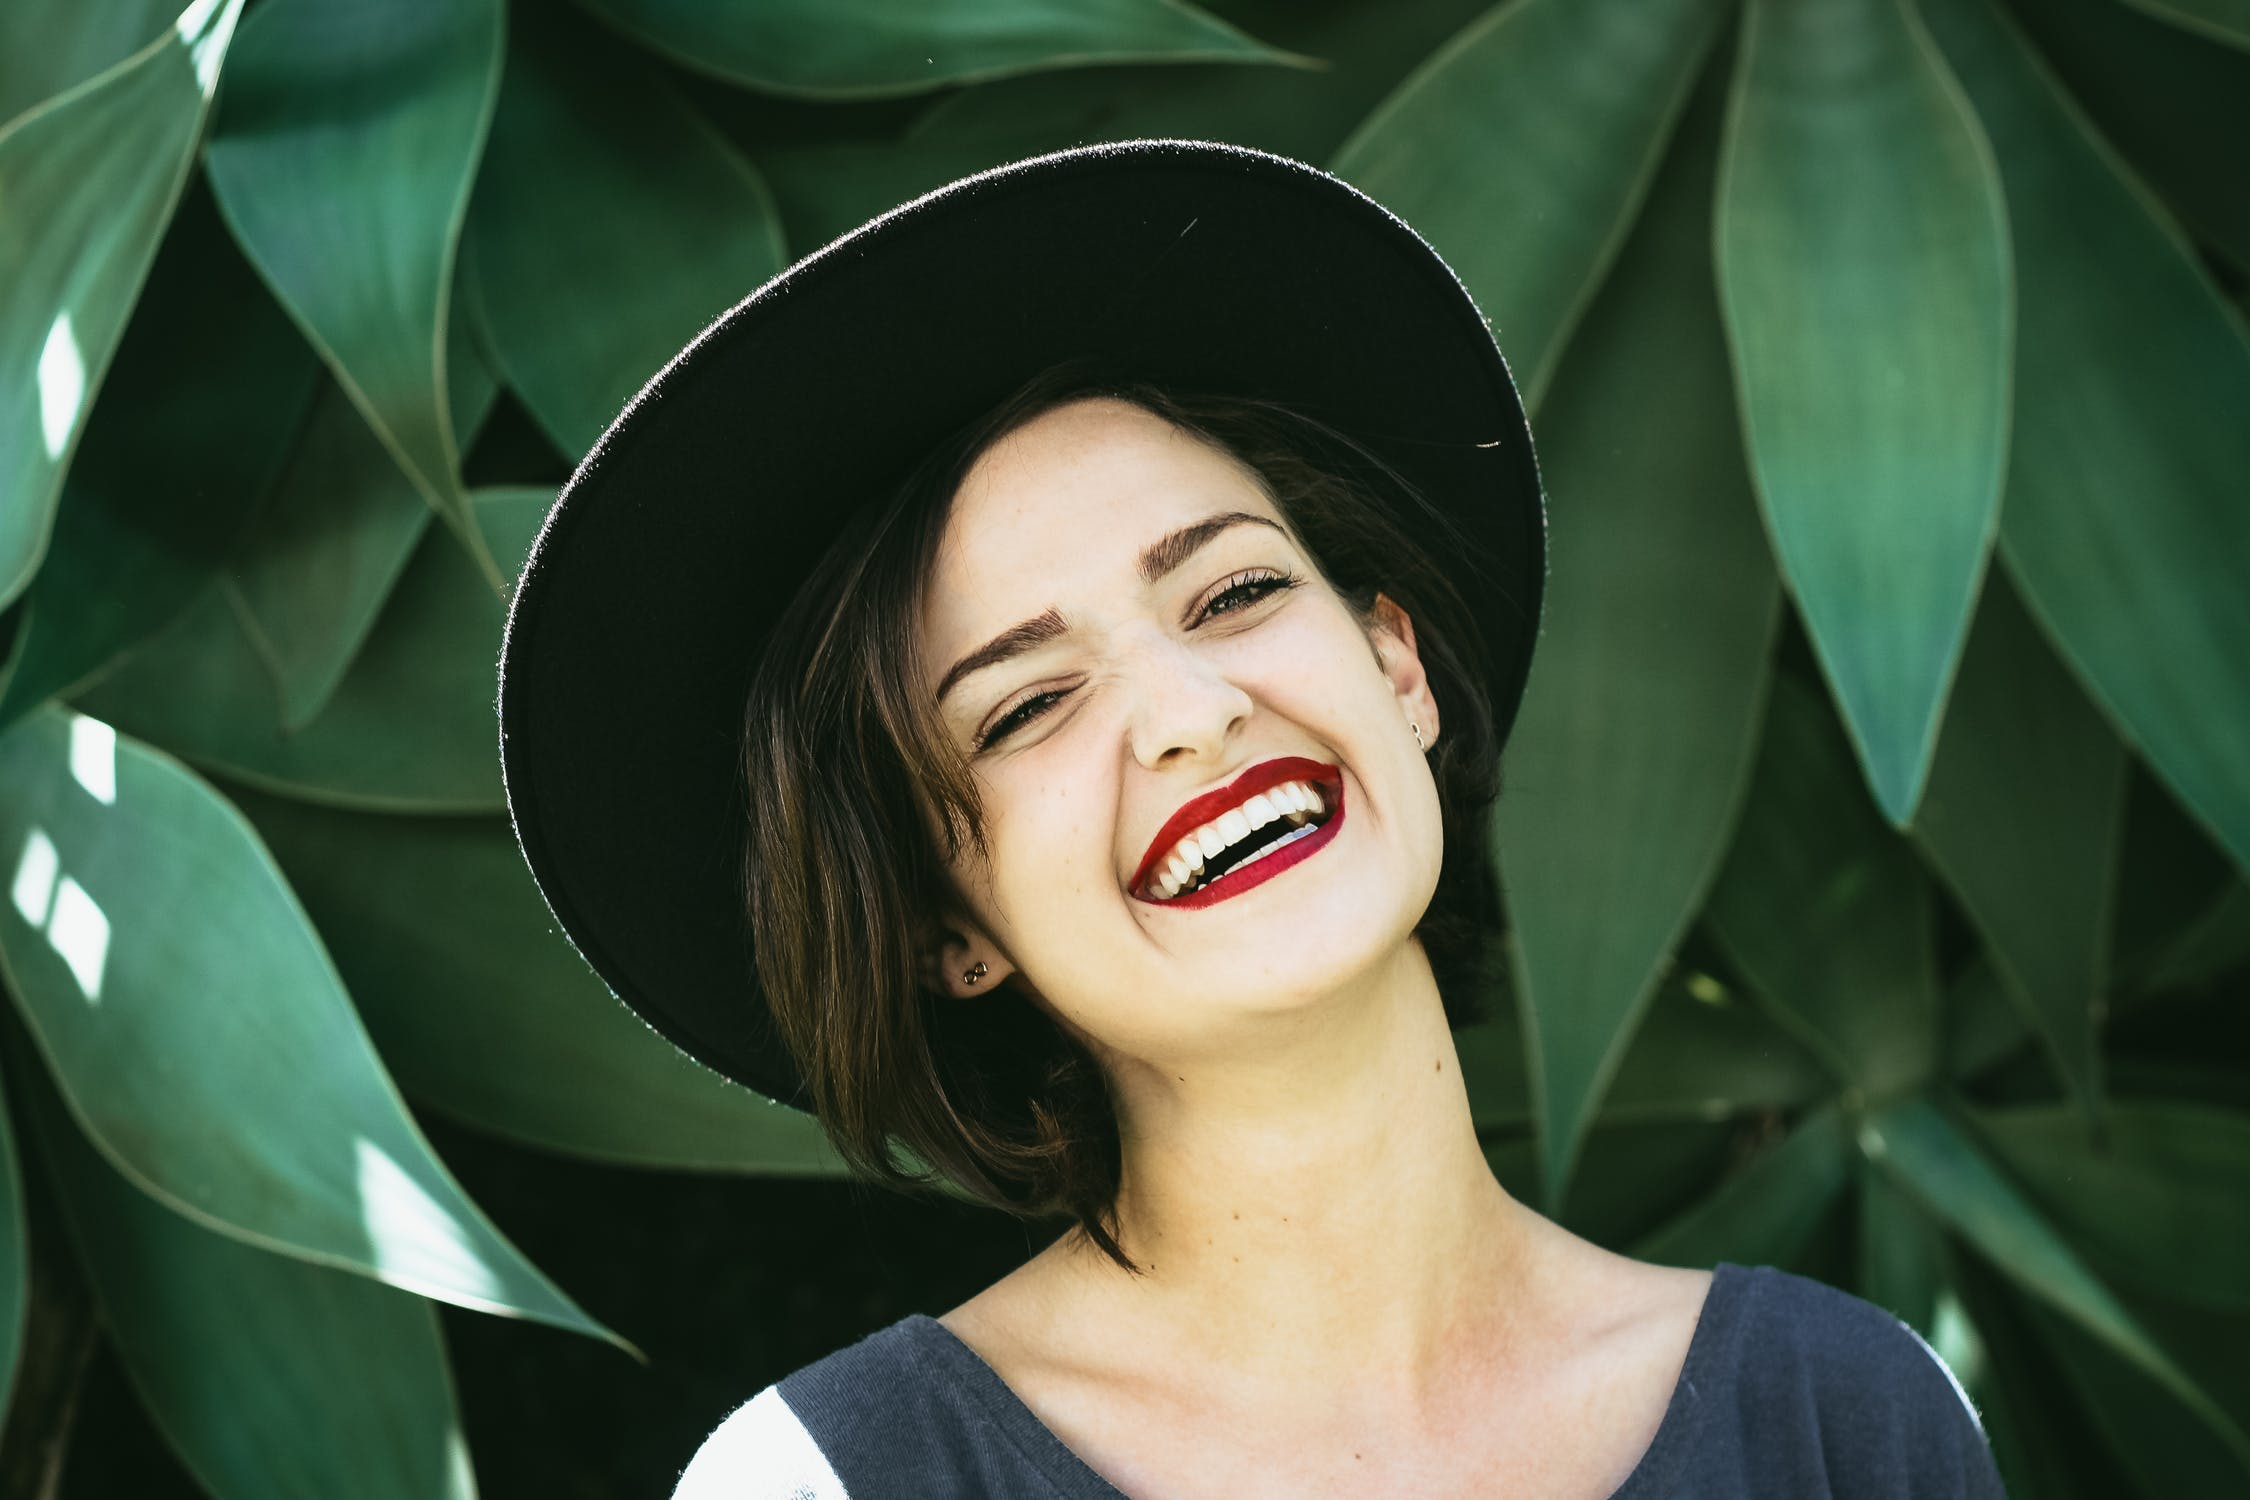 Blanqueamiento de los dientes, para verse más joven